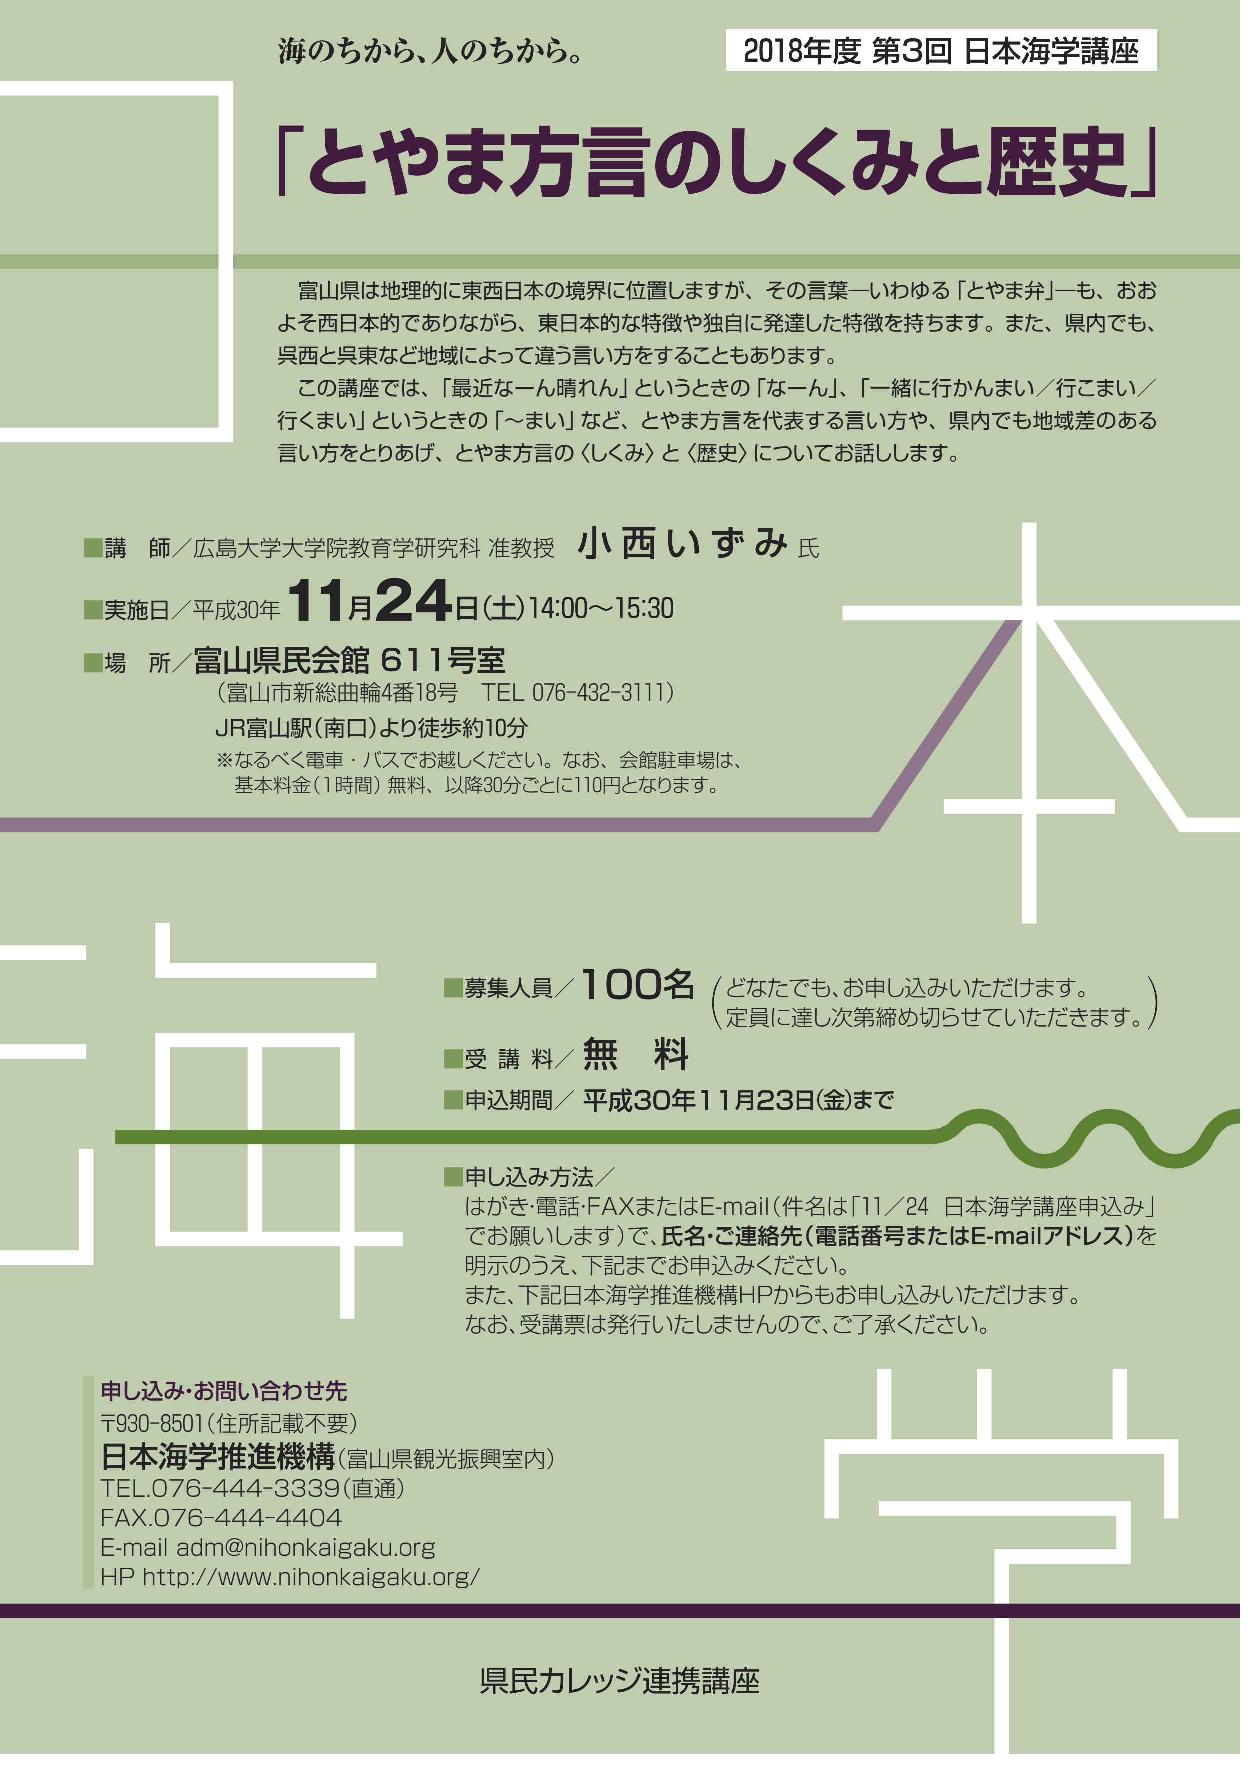 http://www.nihonkaigaku.org/theater/img/dai3kainihonkaigakukouza.png